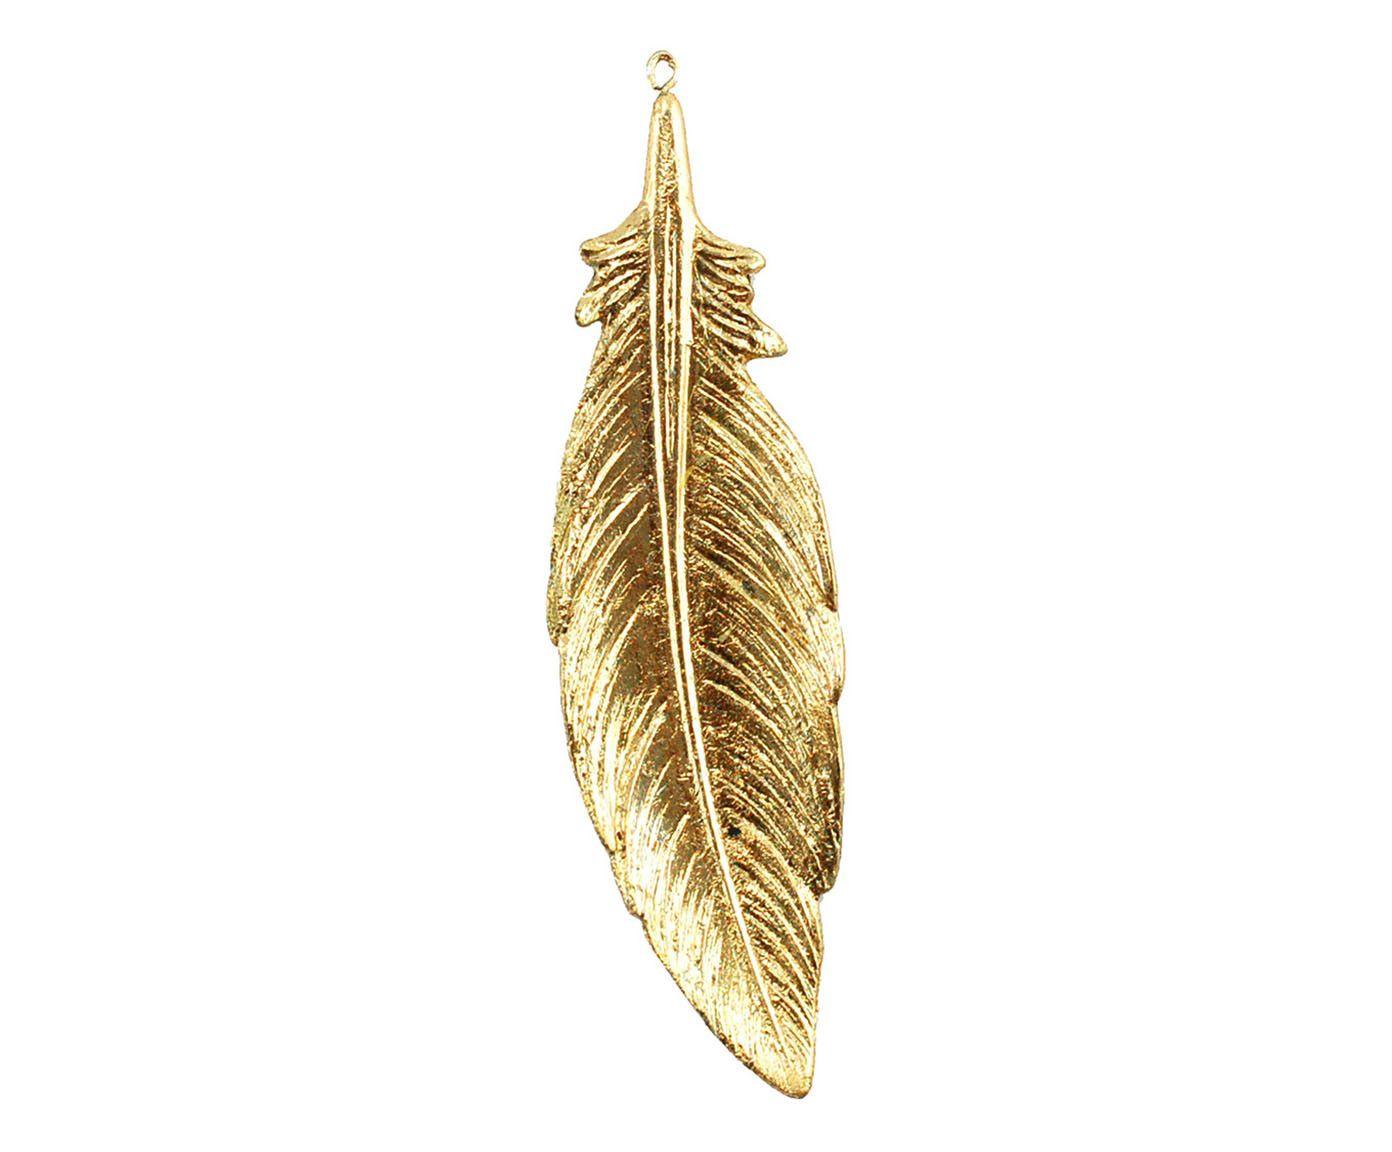 Adorno Pena Tai Dourado - 5,5X19,5X1,5cm | Westwing.com.br